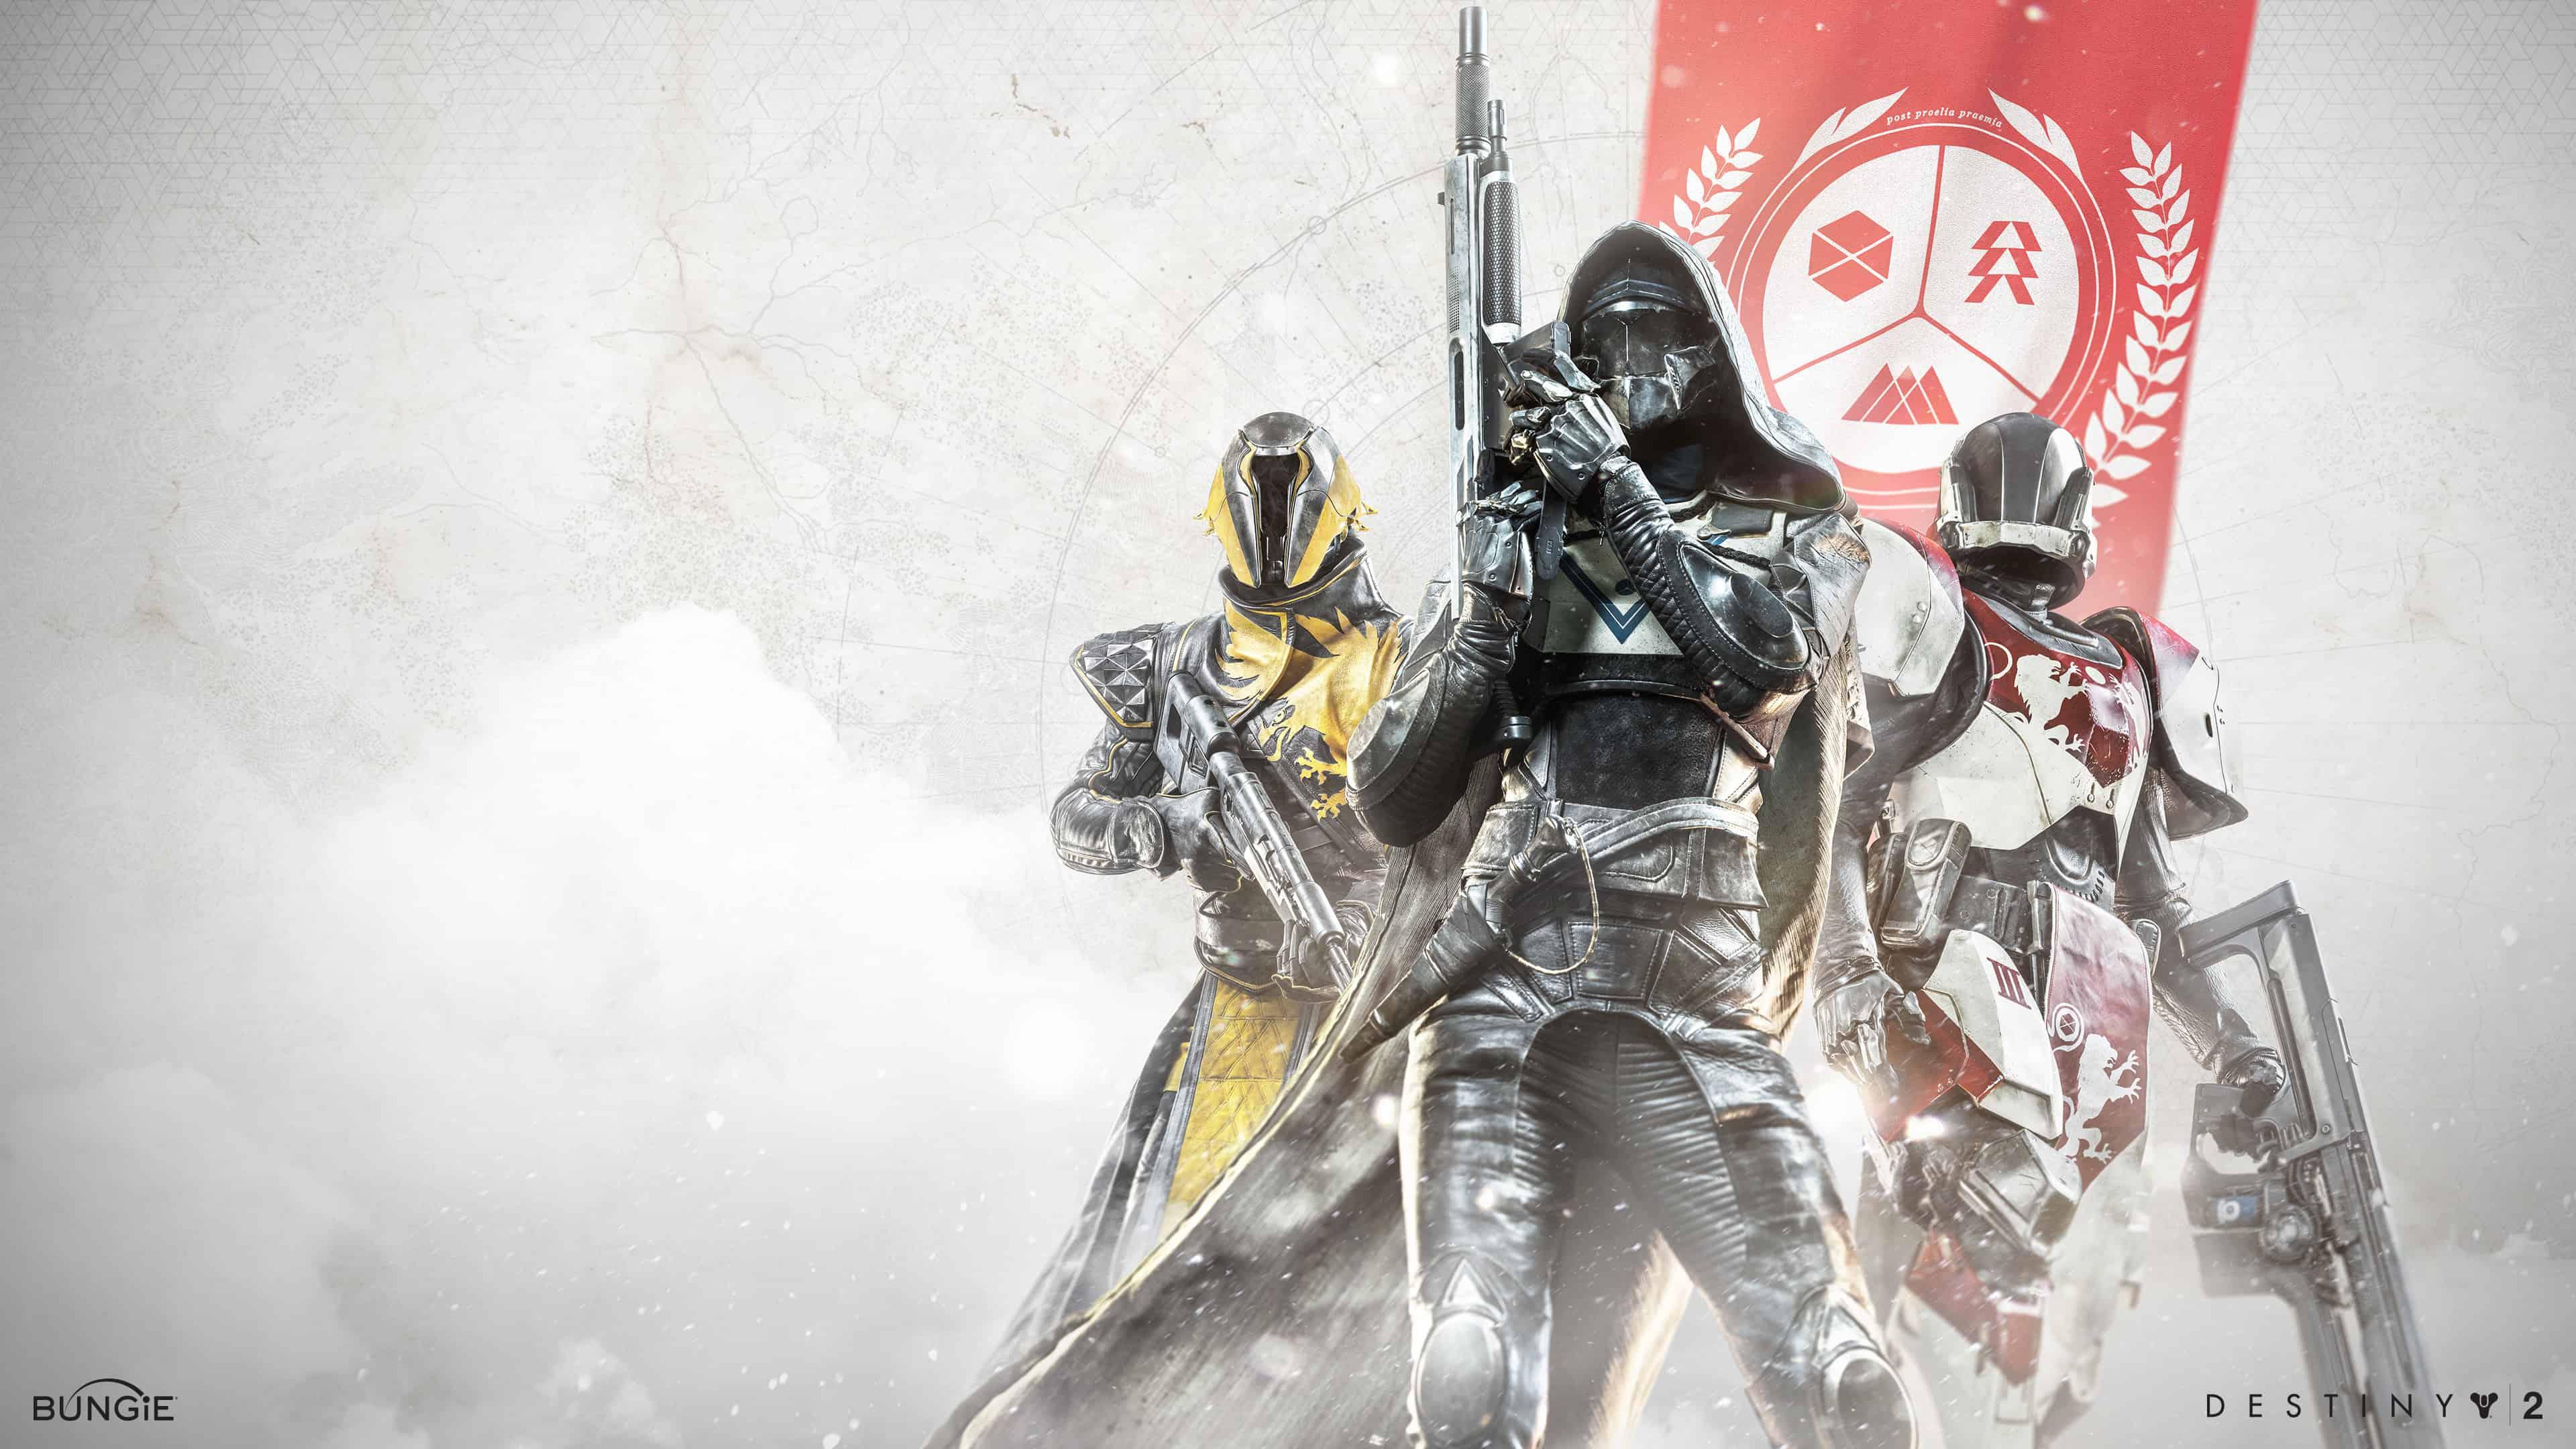 destiny 2 warlock hunter titan uhd 4k wallpaper